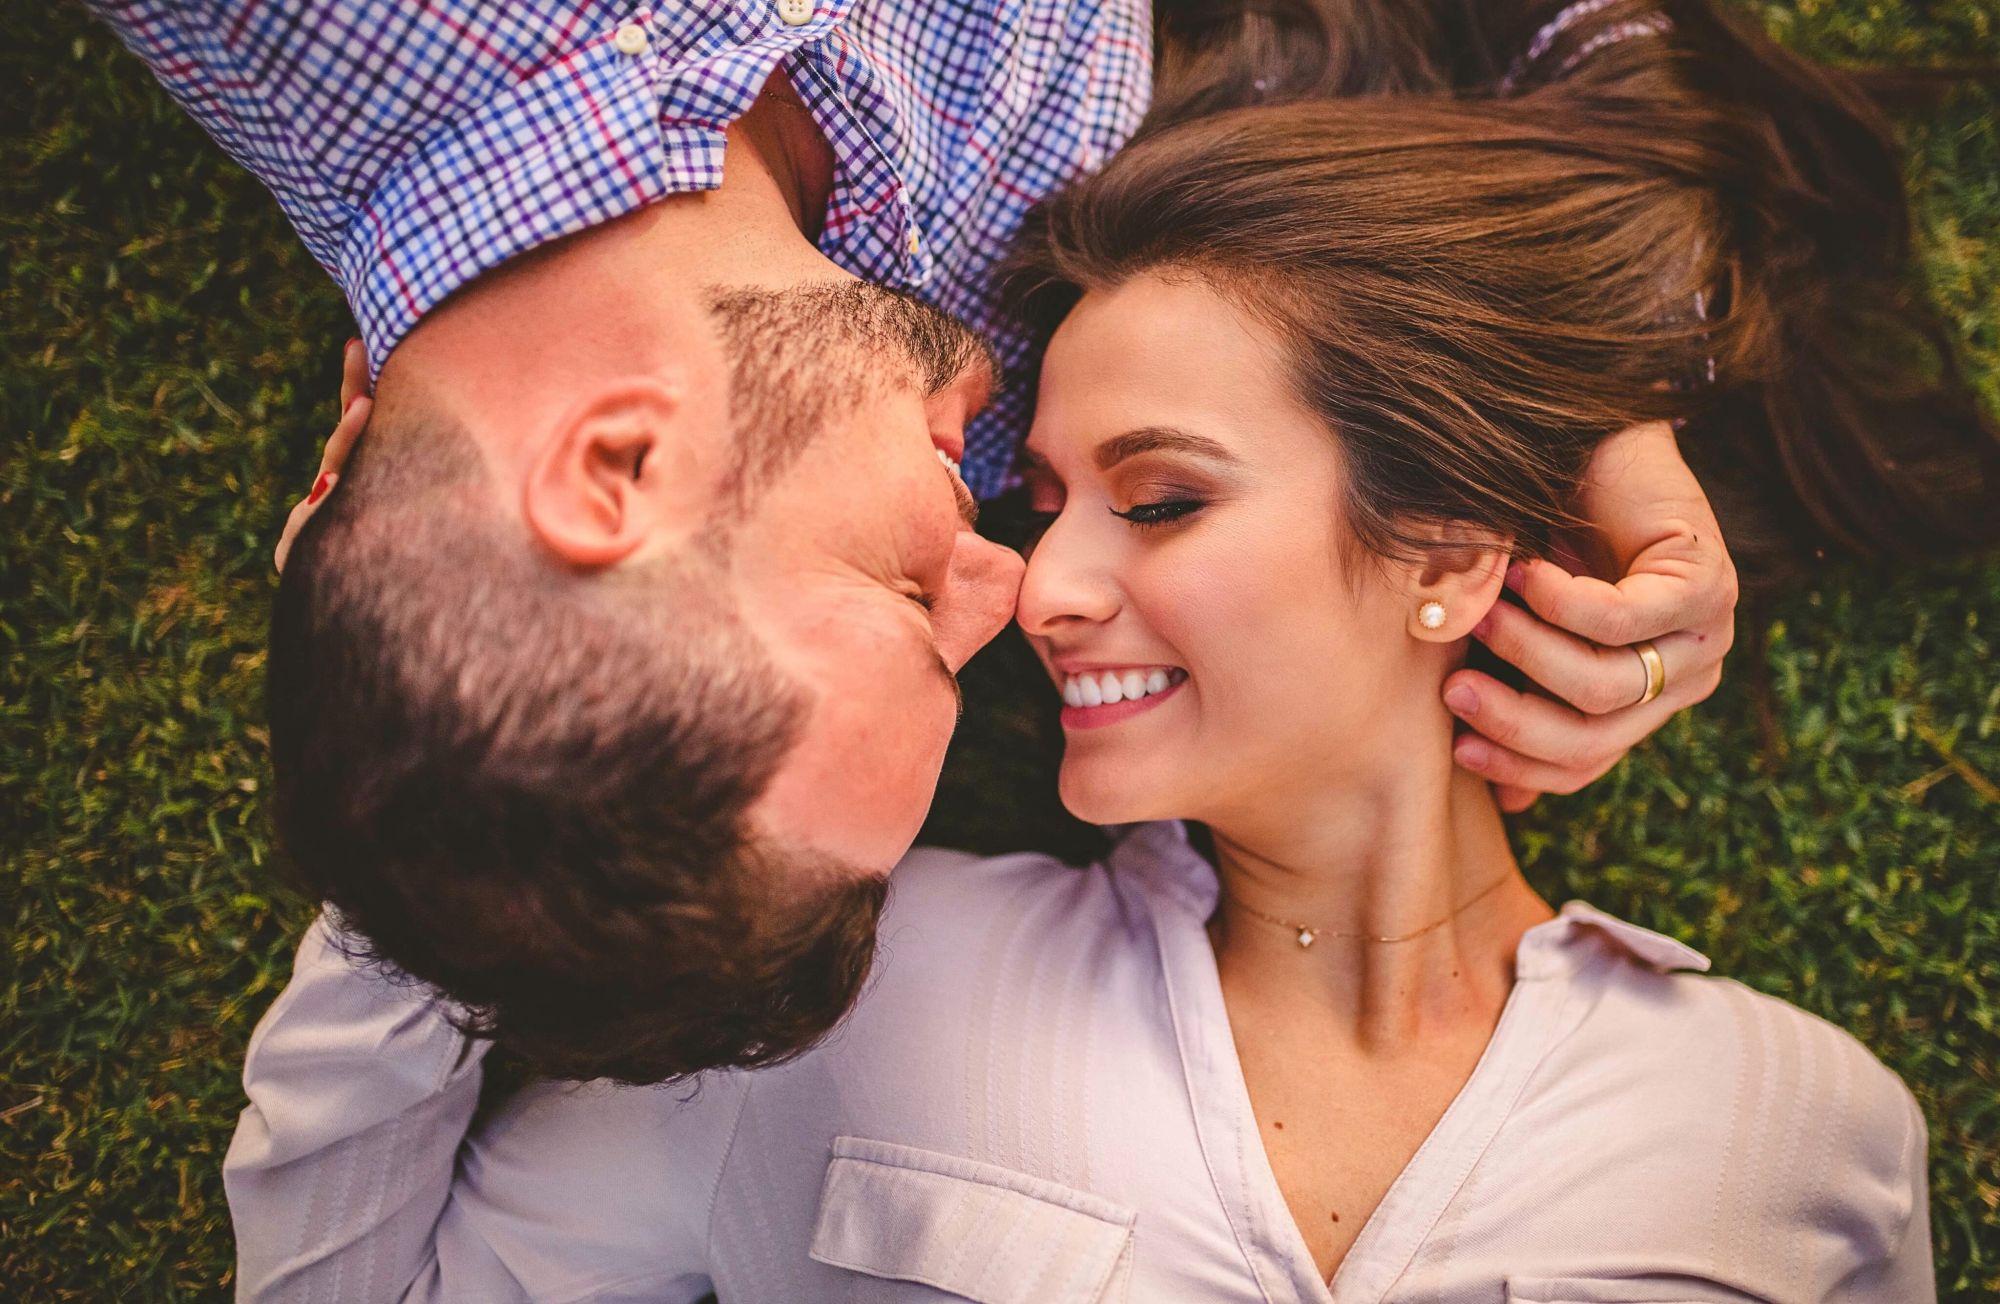 (P) Tratamentul cu implanturi dentare Fast and Fixed garantează un zâmbet perfect în termen de o zi! Iată detaliile!